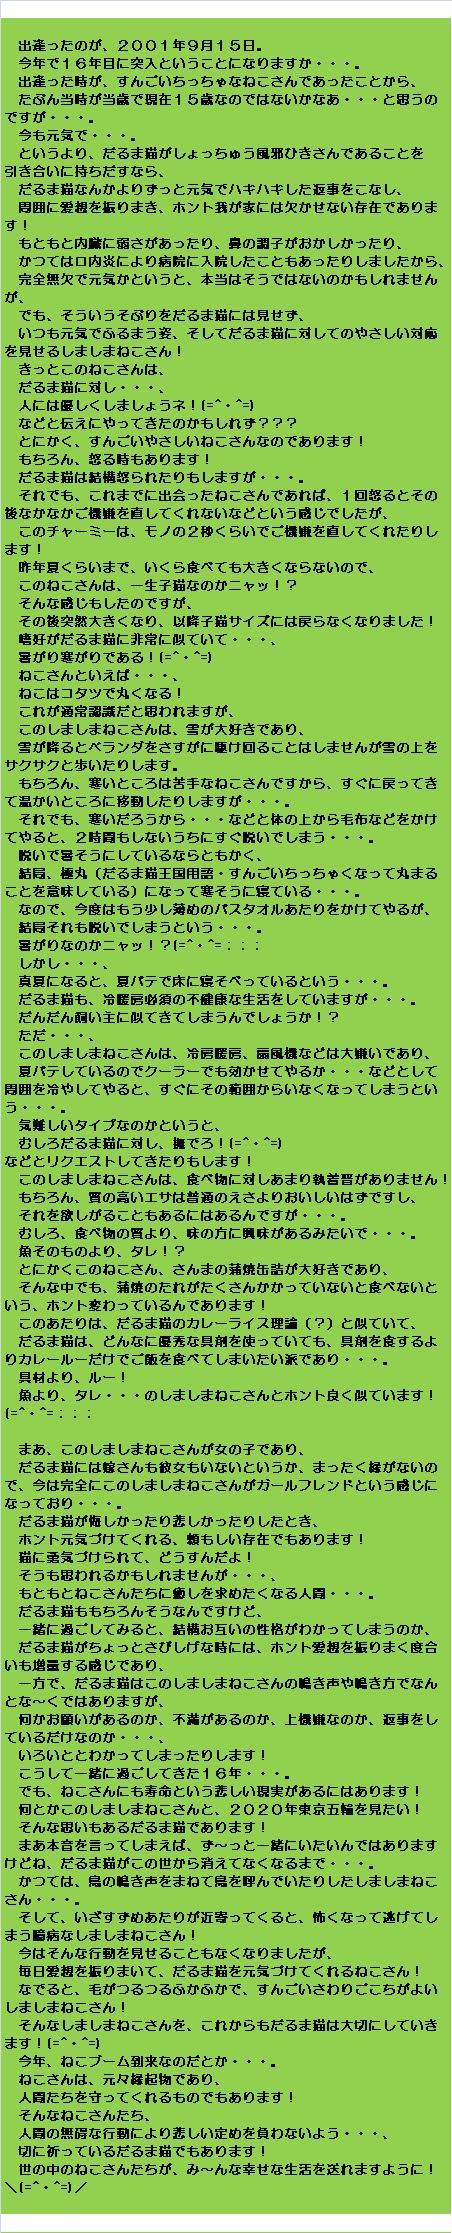 20160308・ブログ記事②.jpg